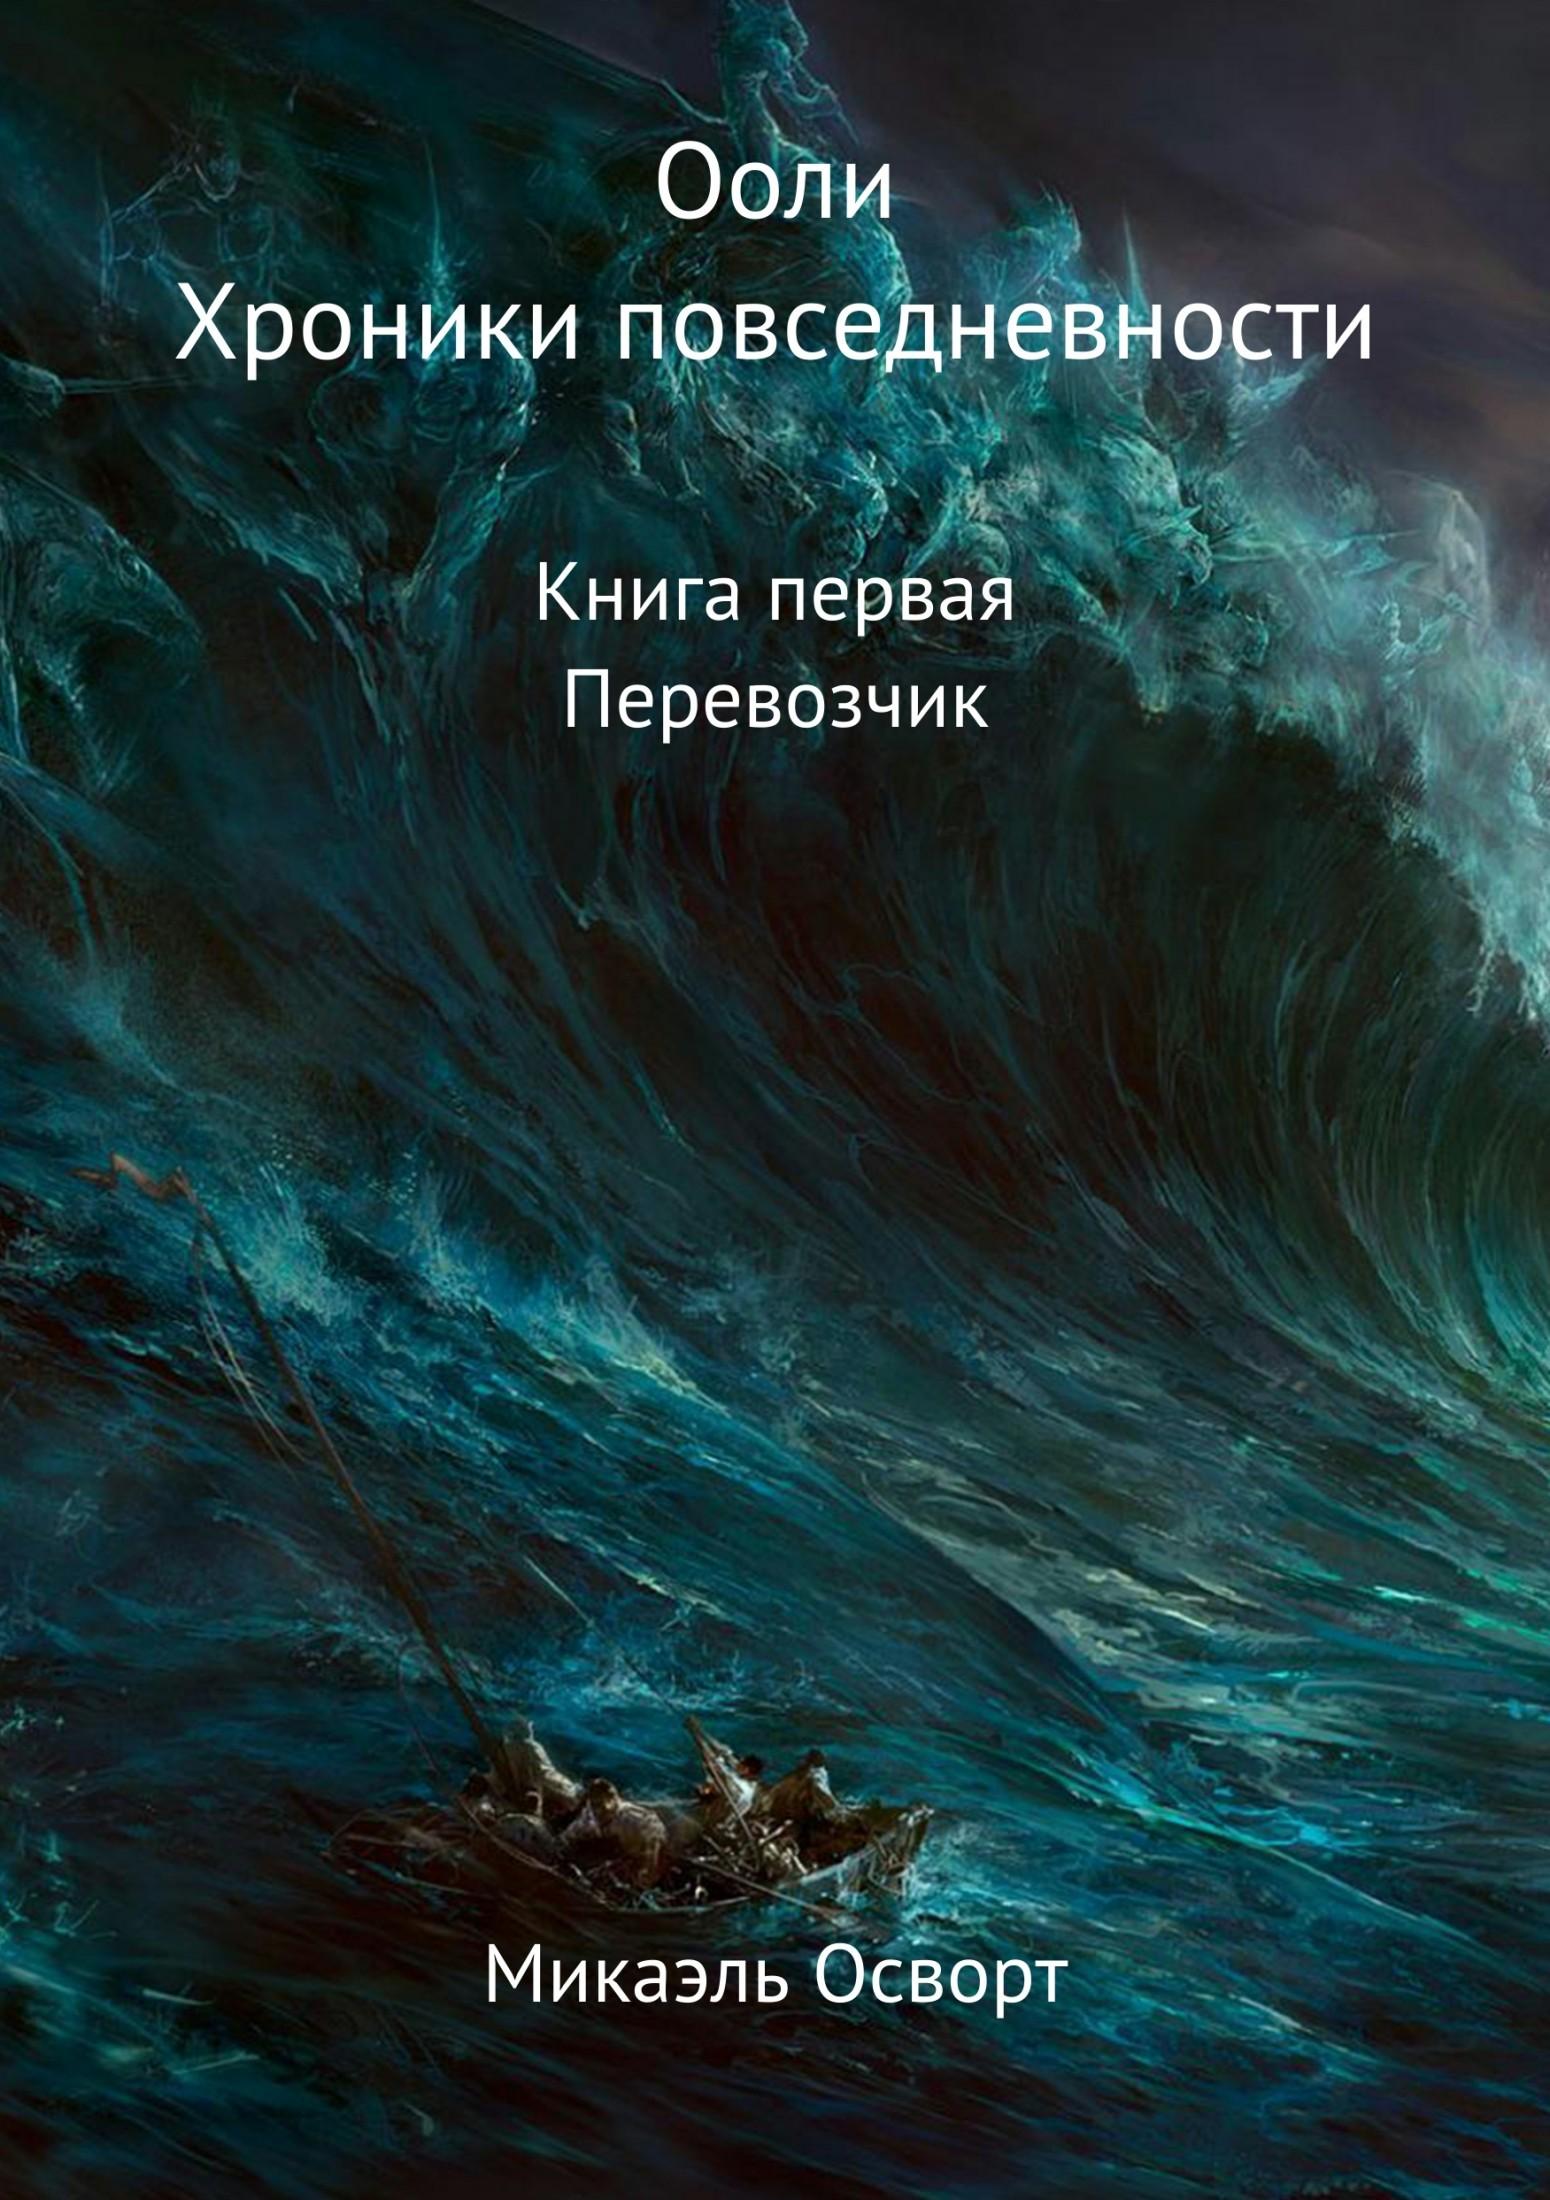 Микаэль Осворт - Ооли. Хроники повседневности. Книга первая. Перевозчик